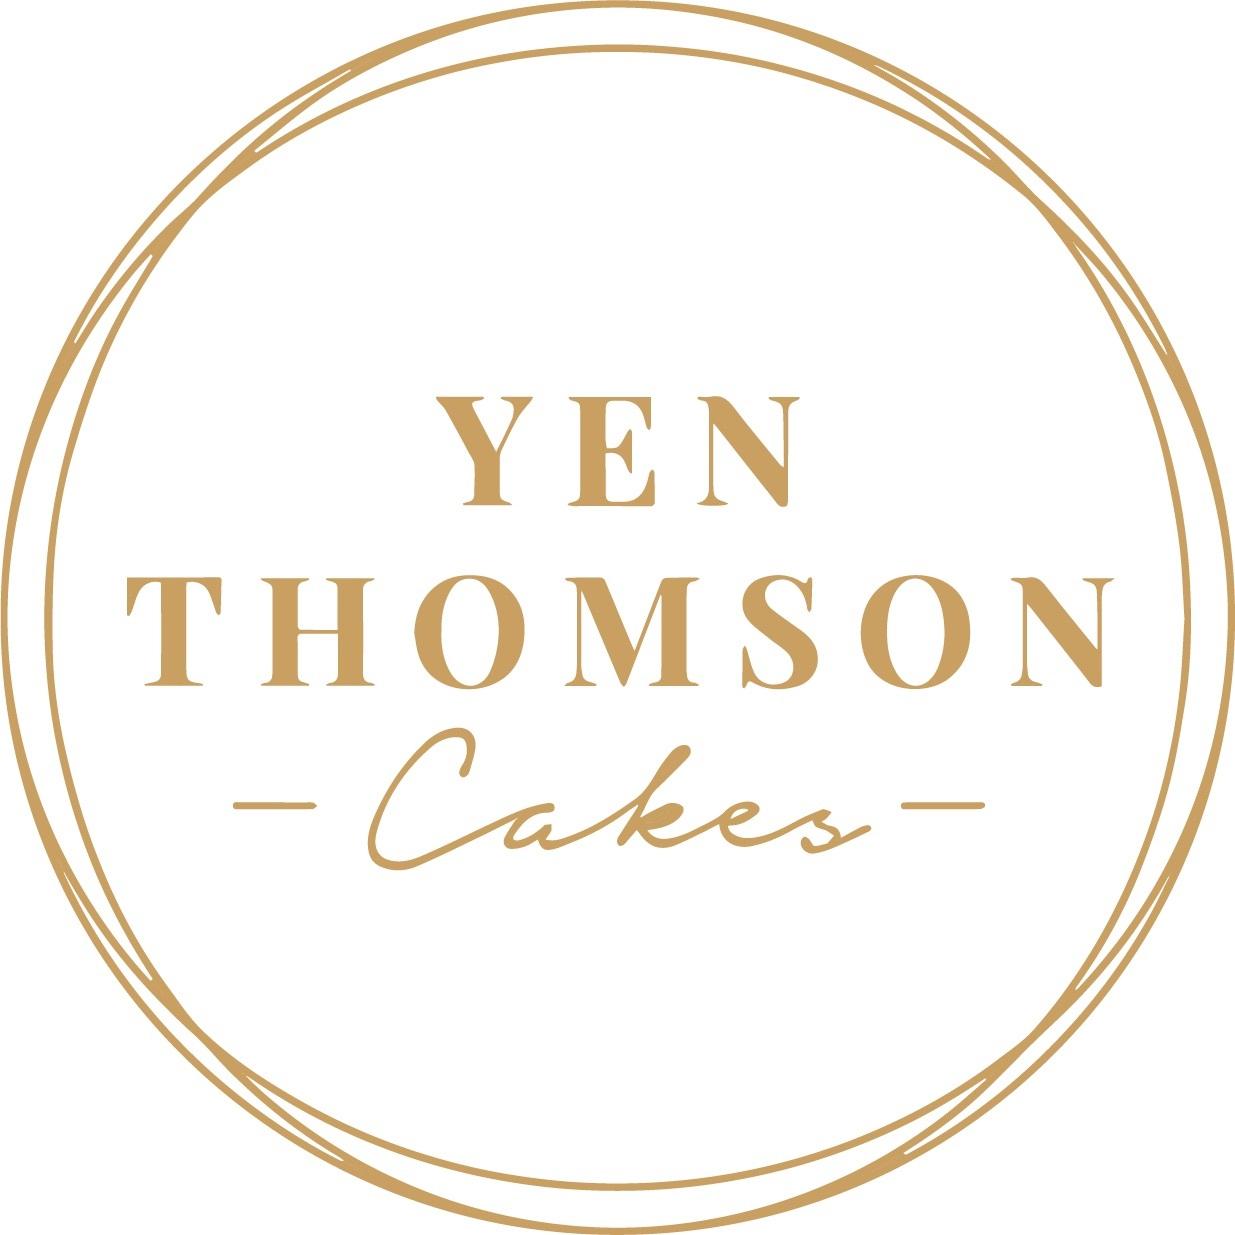 Yen Thomson Cakes